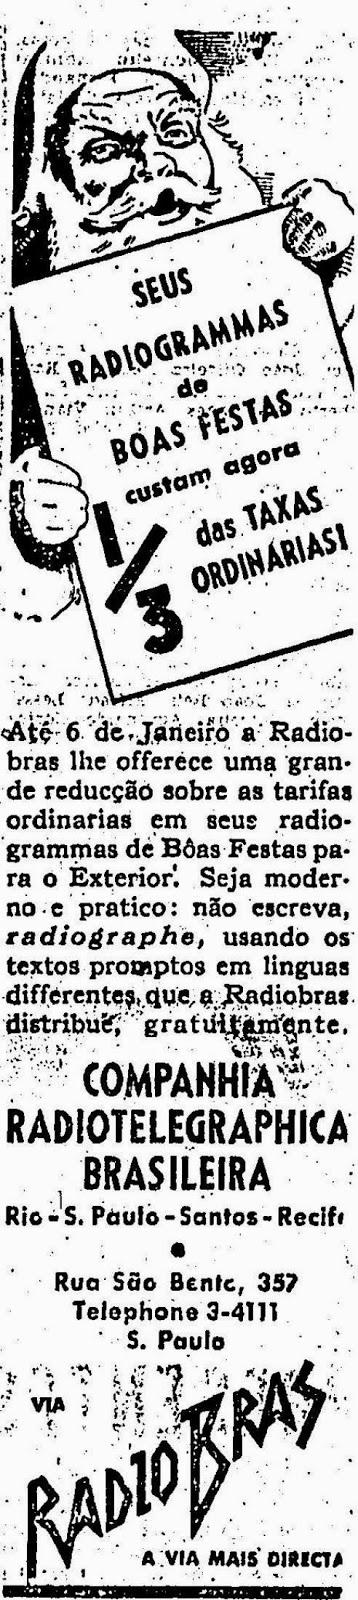 Propaganda para envio de Radiogramas (telegramas via rádio) em 1940. Campanha para época natalina.